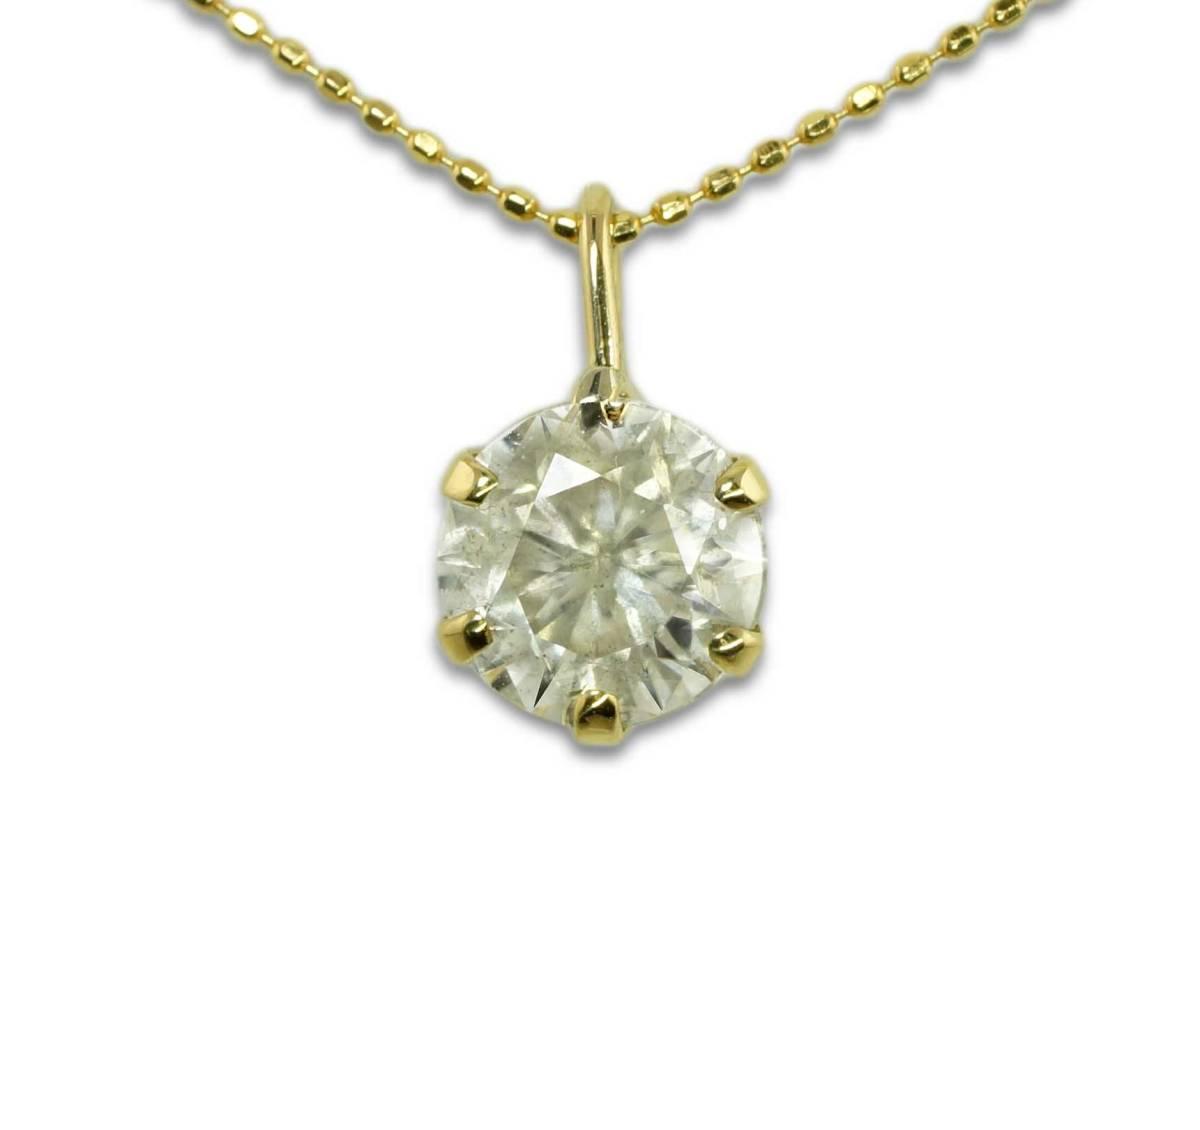 ●天然特大ダイヤモンド 1.99ct 2.32g K18YG ネックレス jewelry